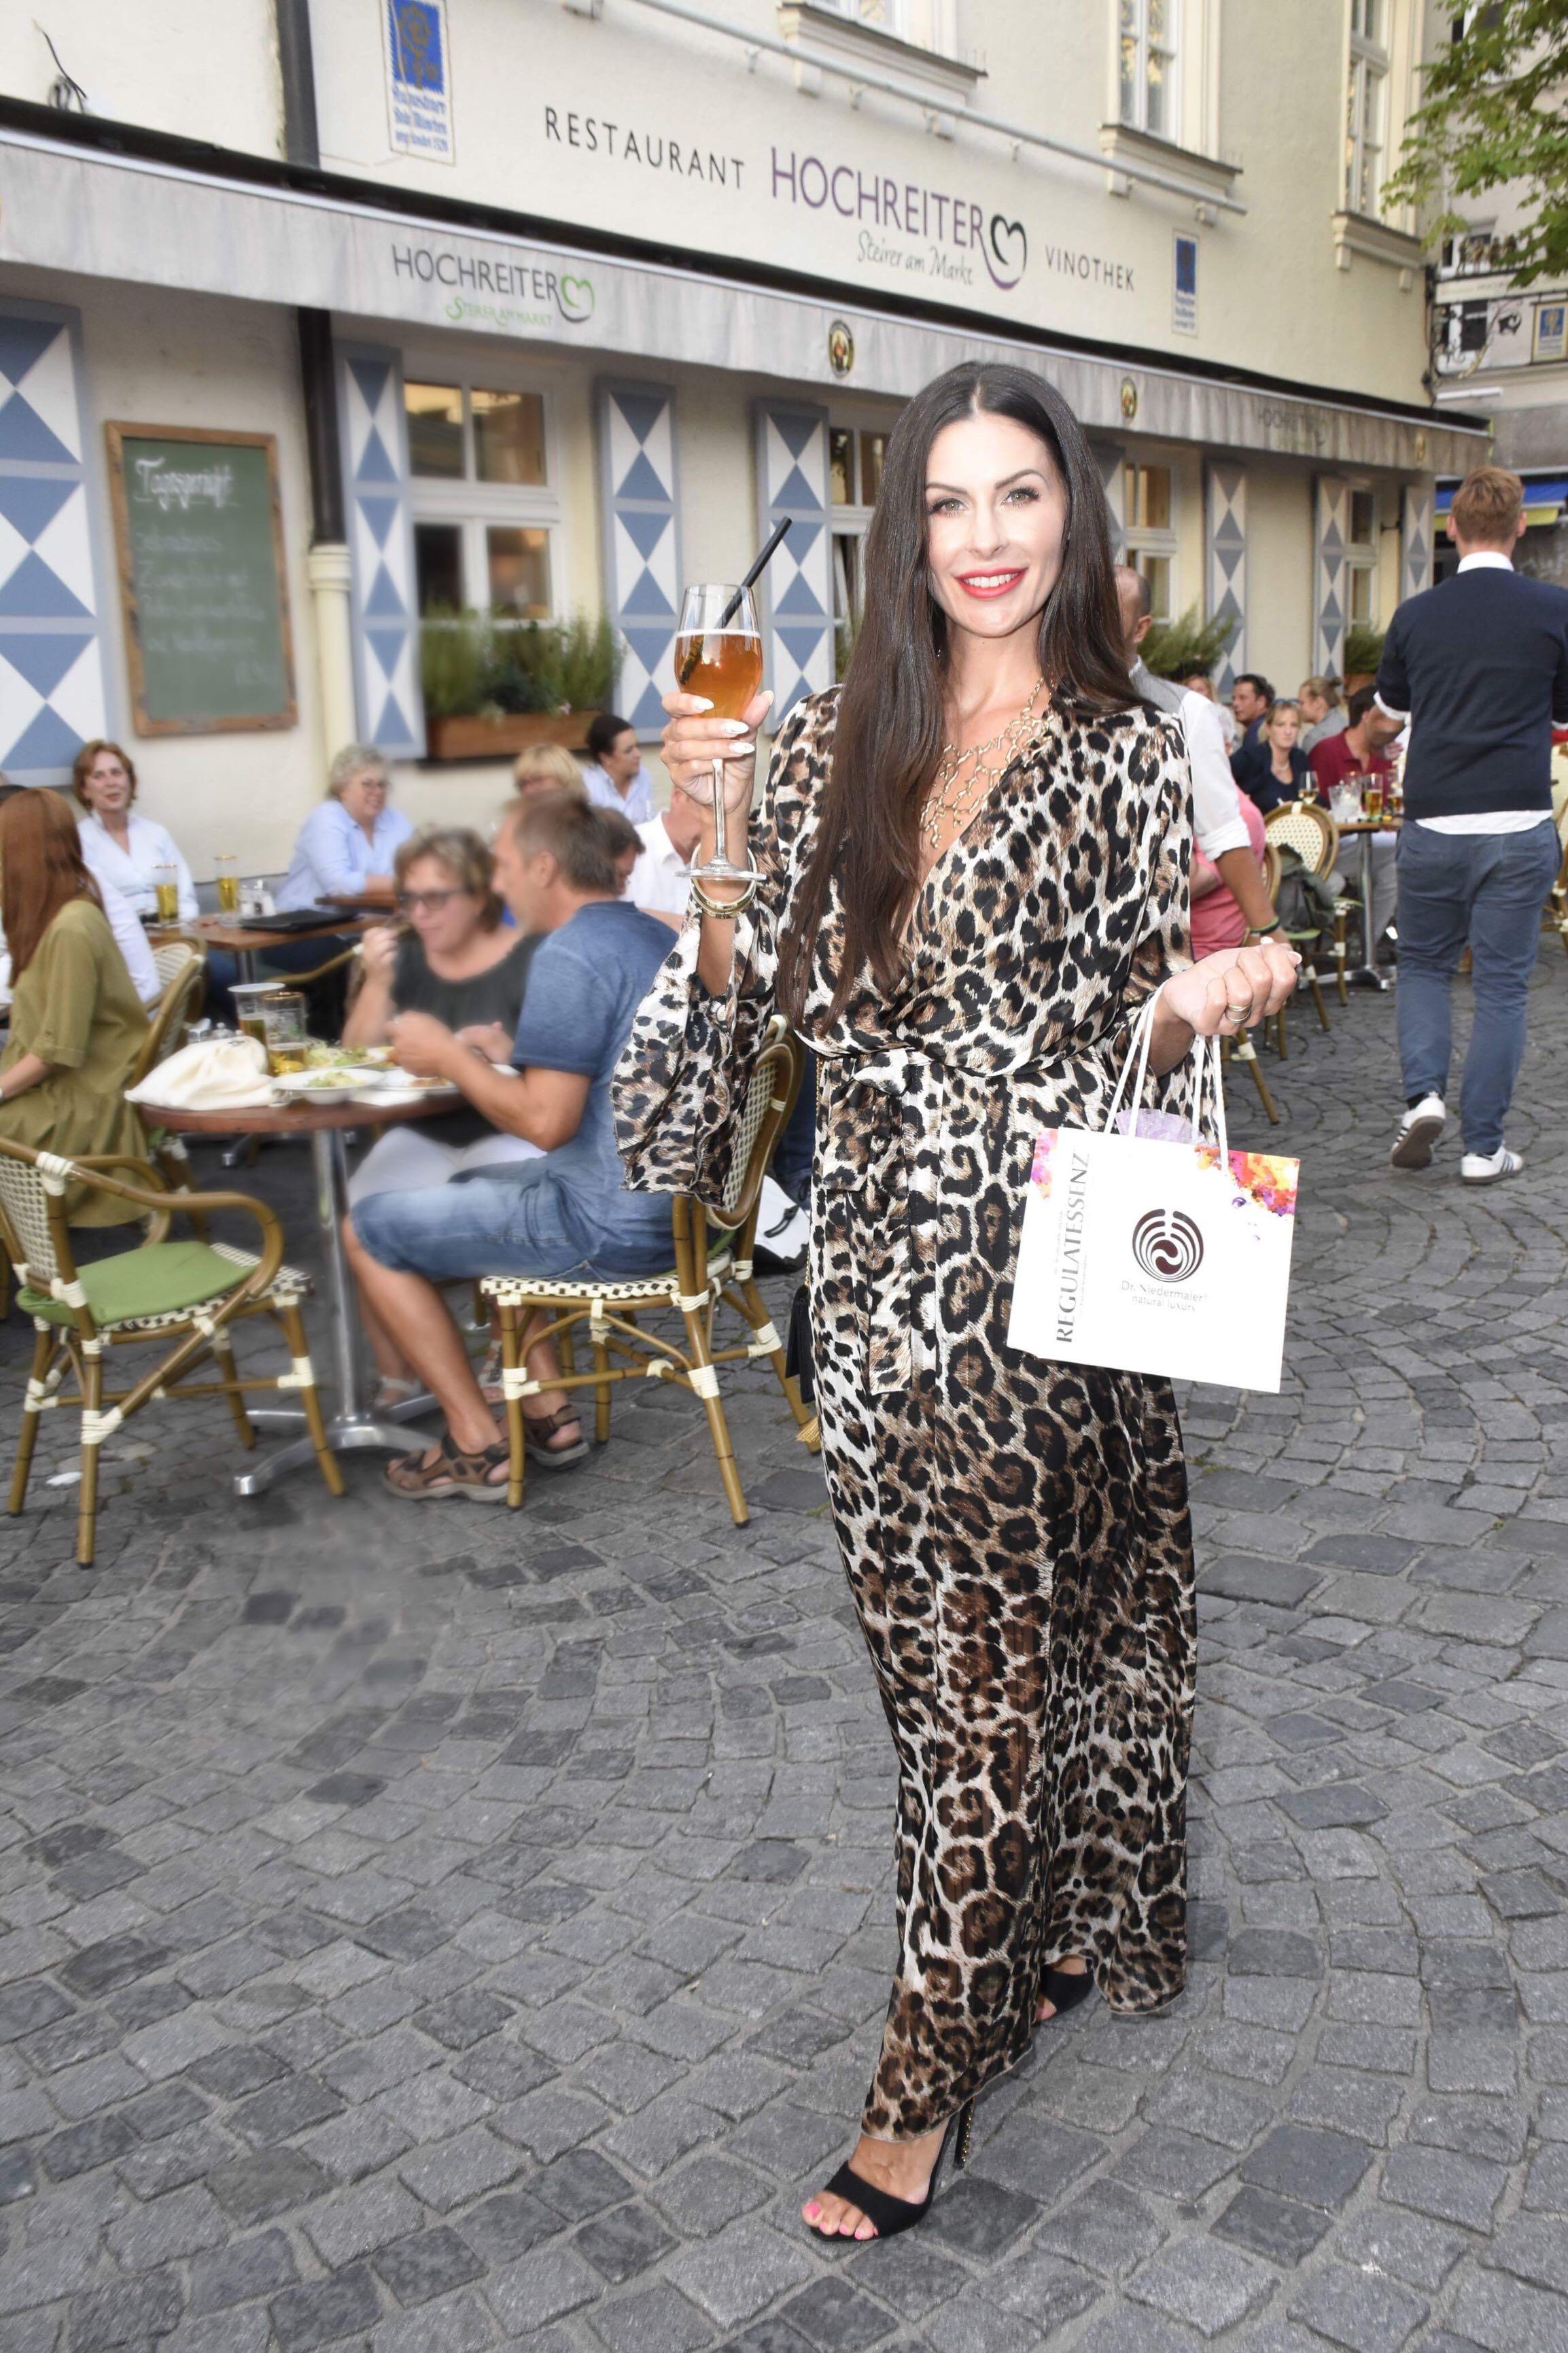 Animalprint Kleid aus Saint Tropez (c) Petra Schönberger